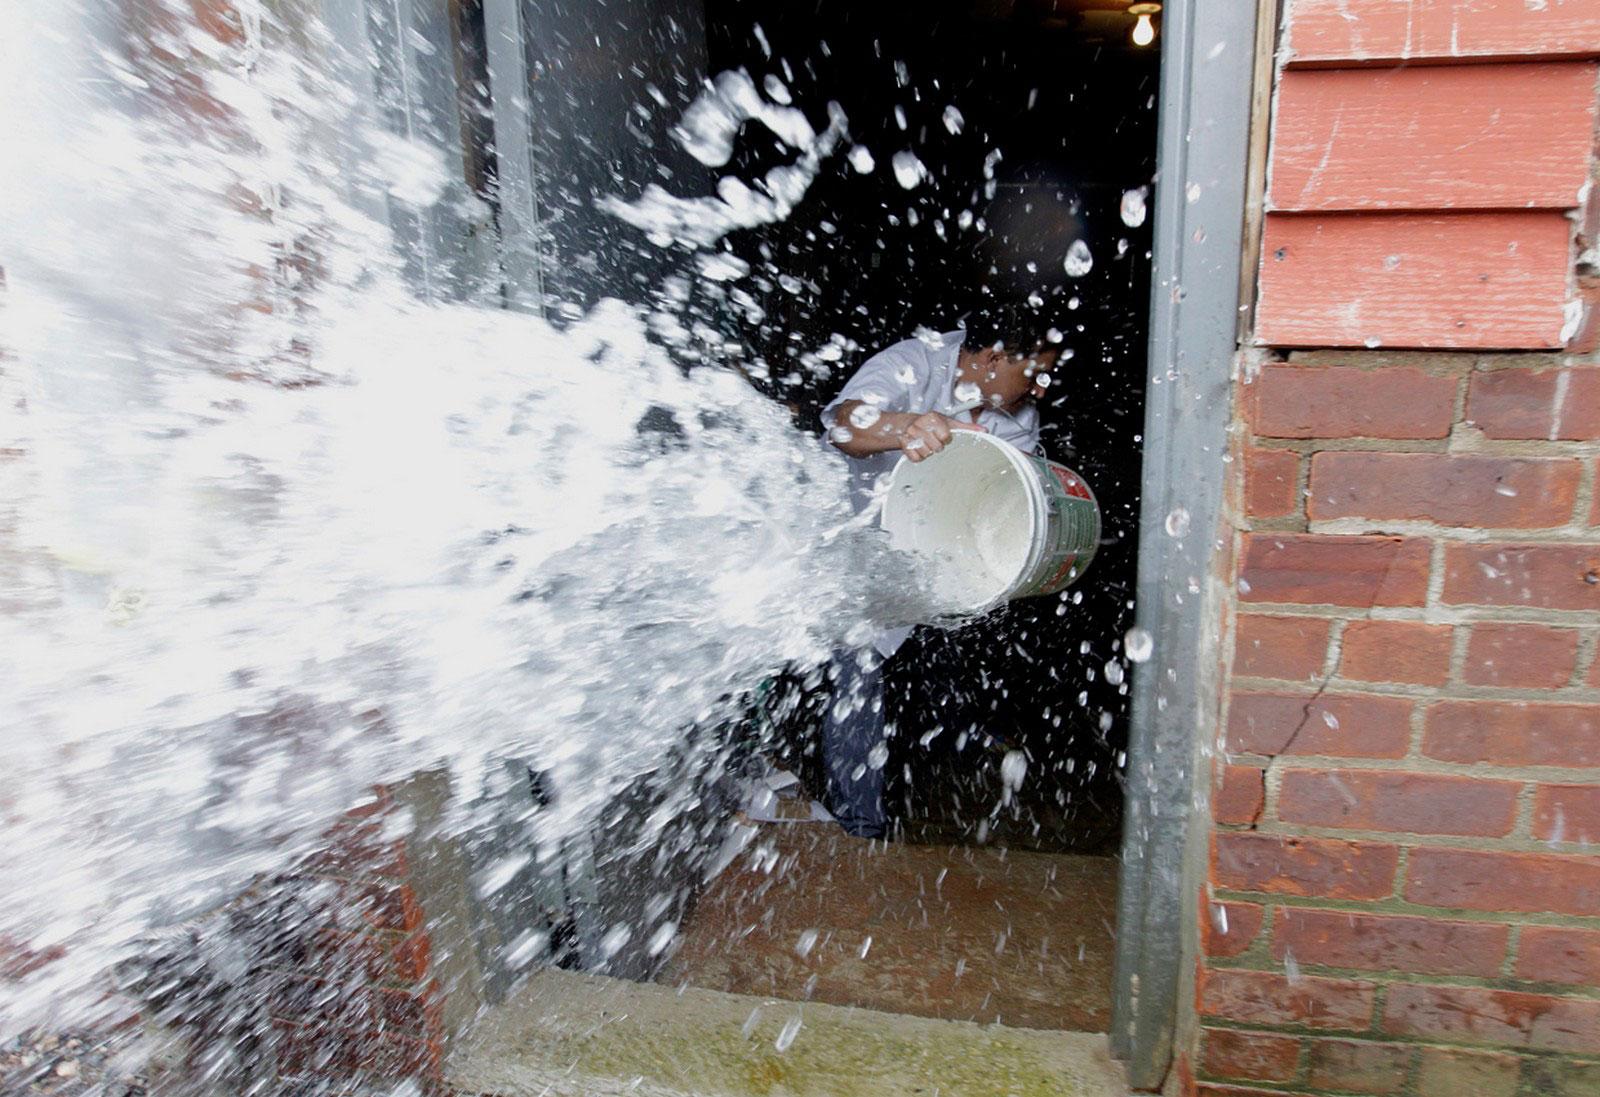 мужчина спасает дом от затопления